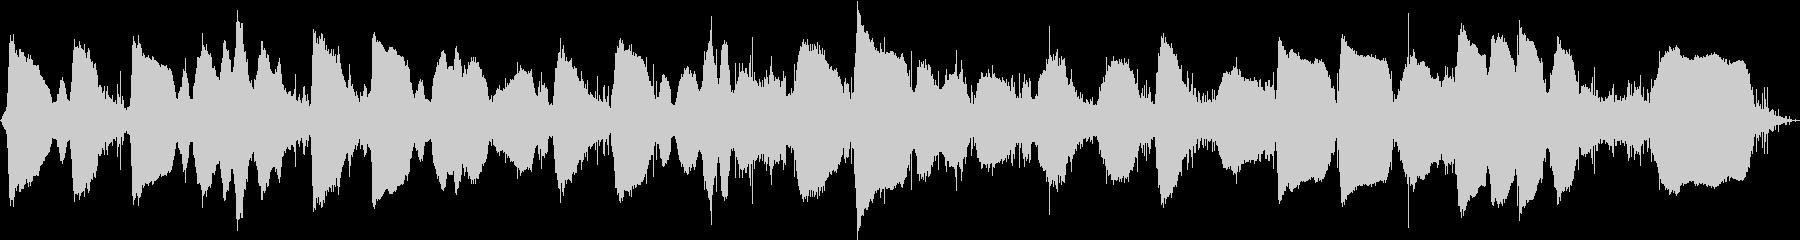 静かな波音 エレキギターバイオリン奏法 の未再生の波形